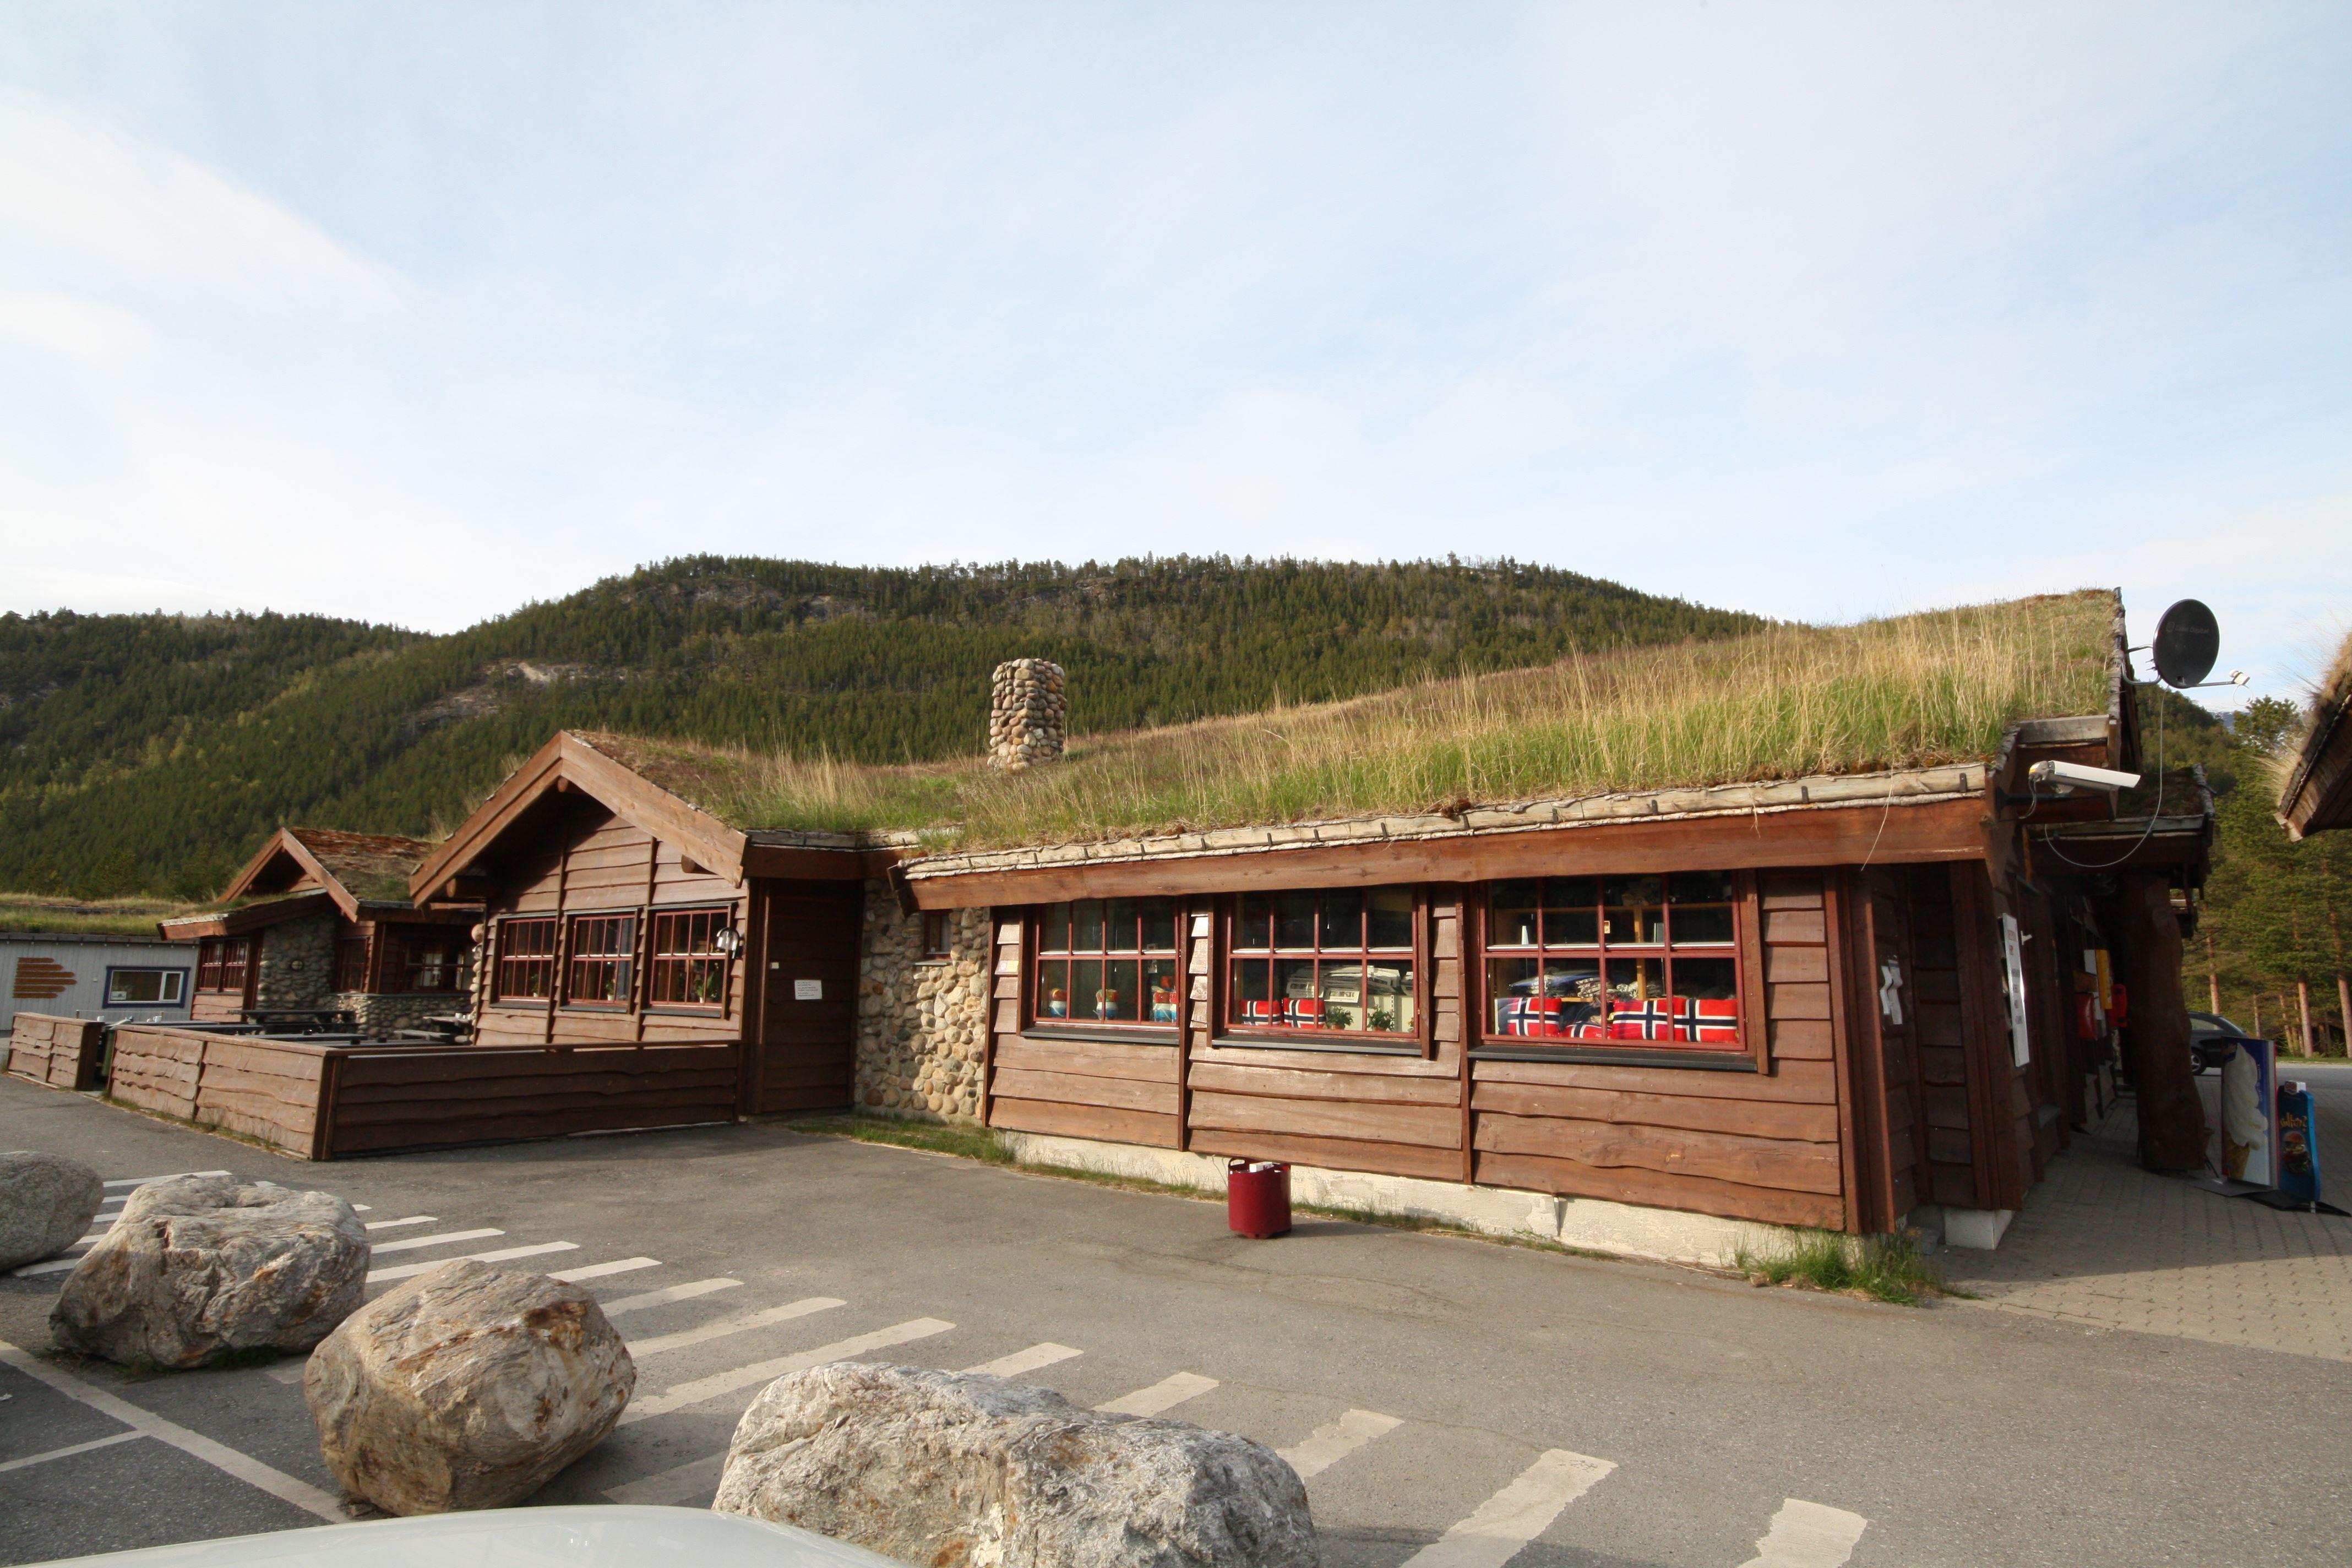 Saltdal Turistsenter